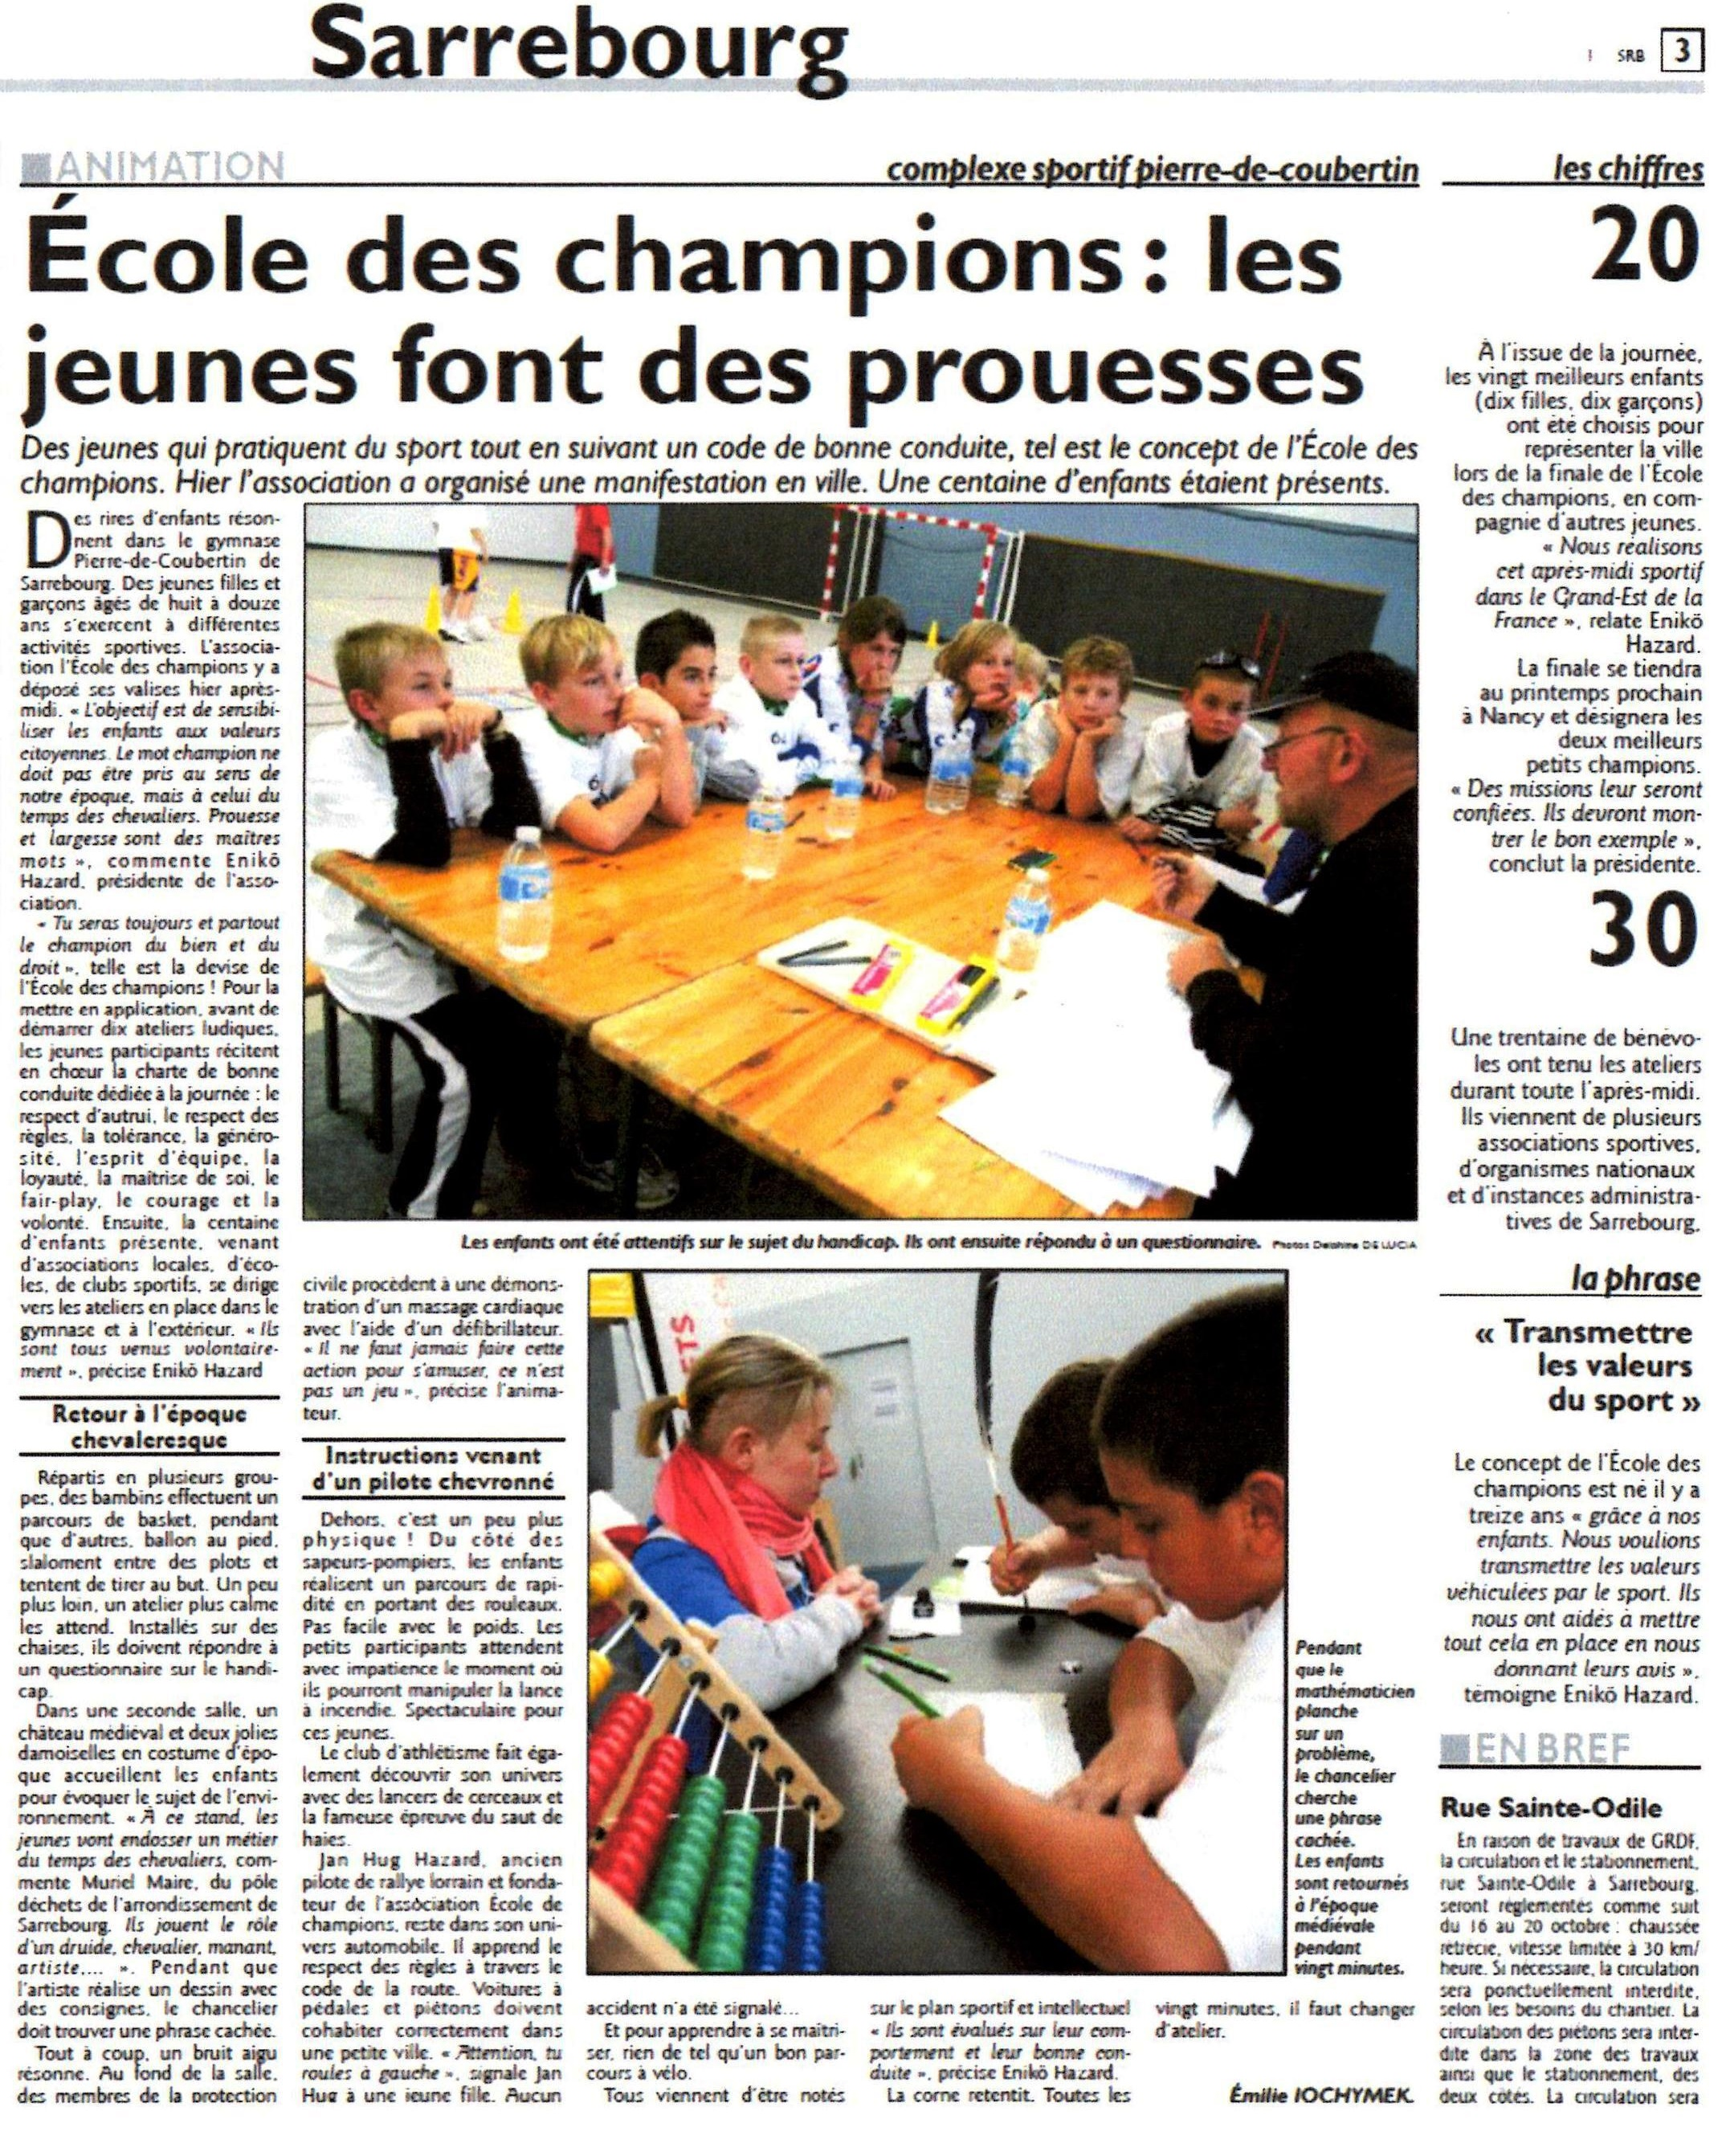 10 octobre 2012 - Sarrebourg